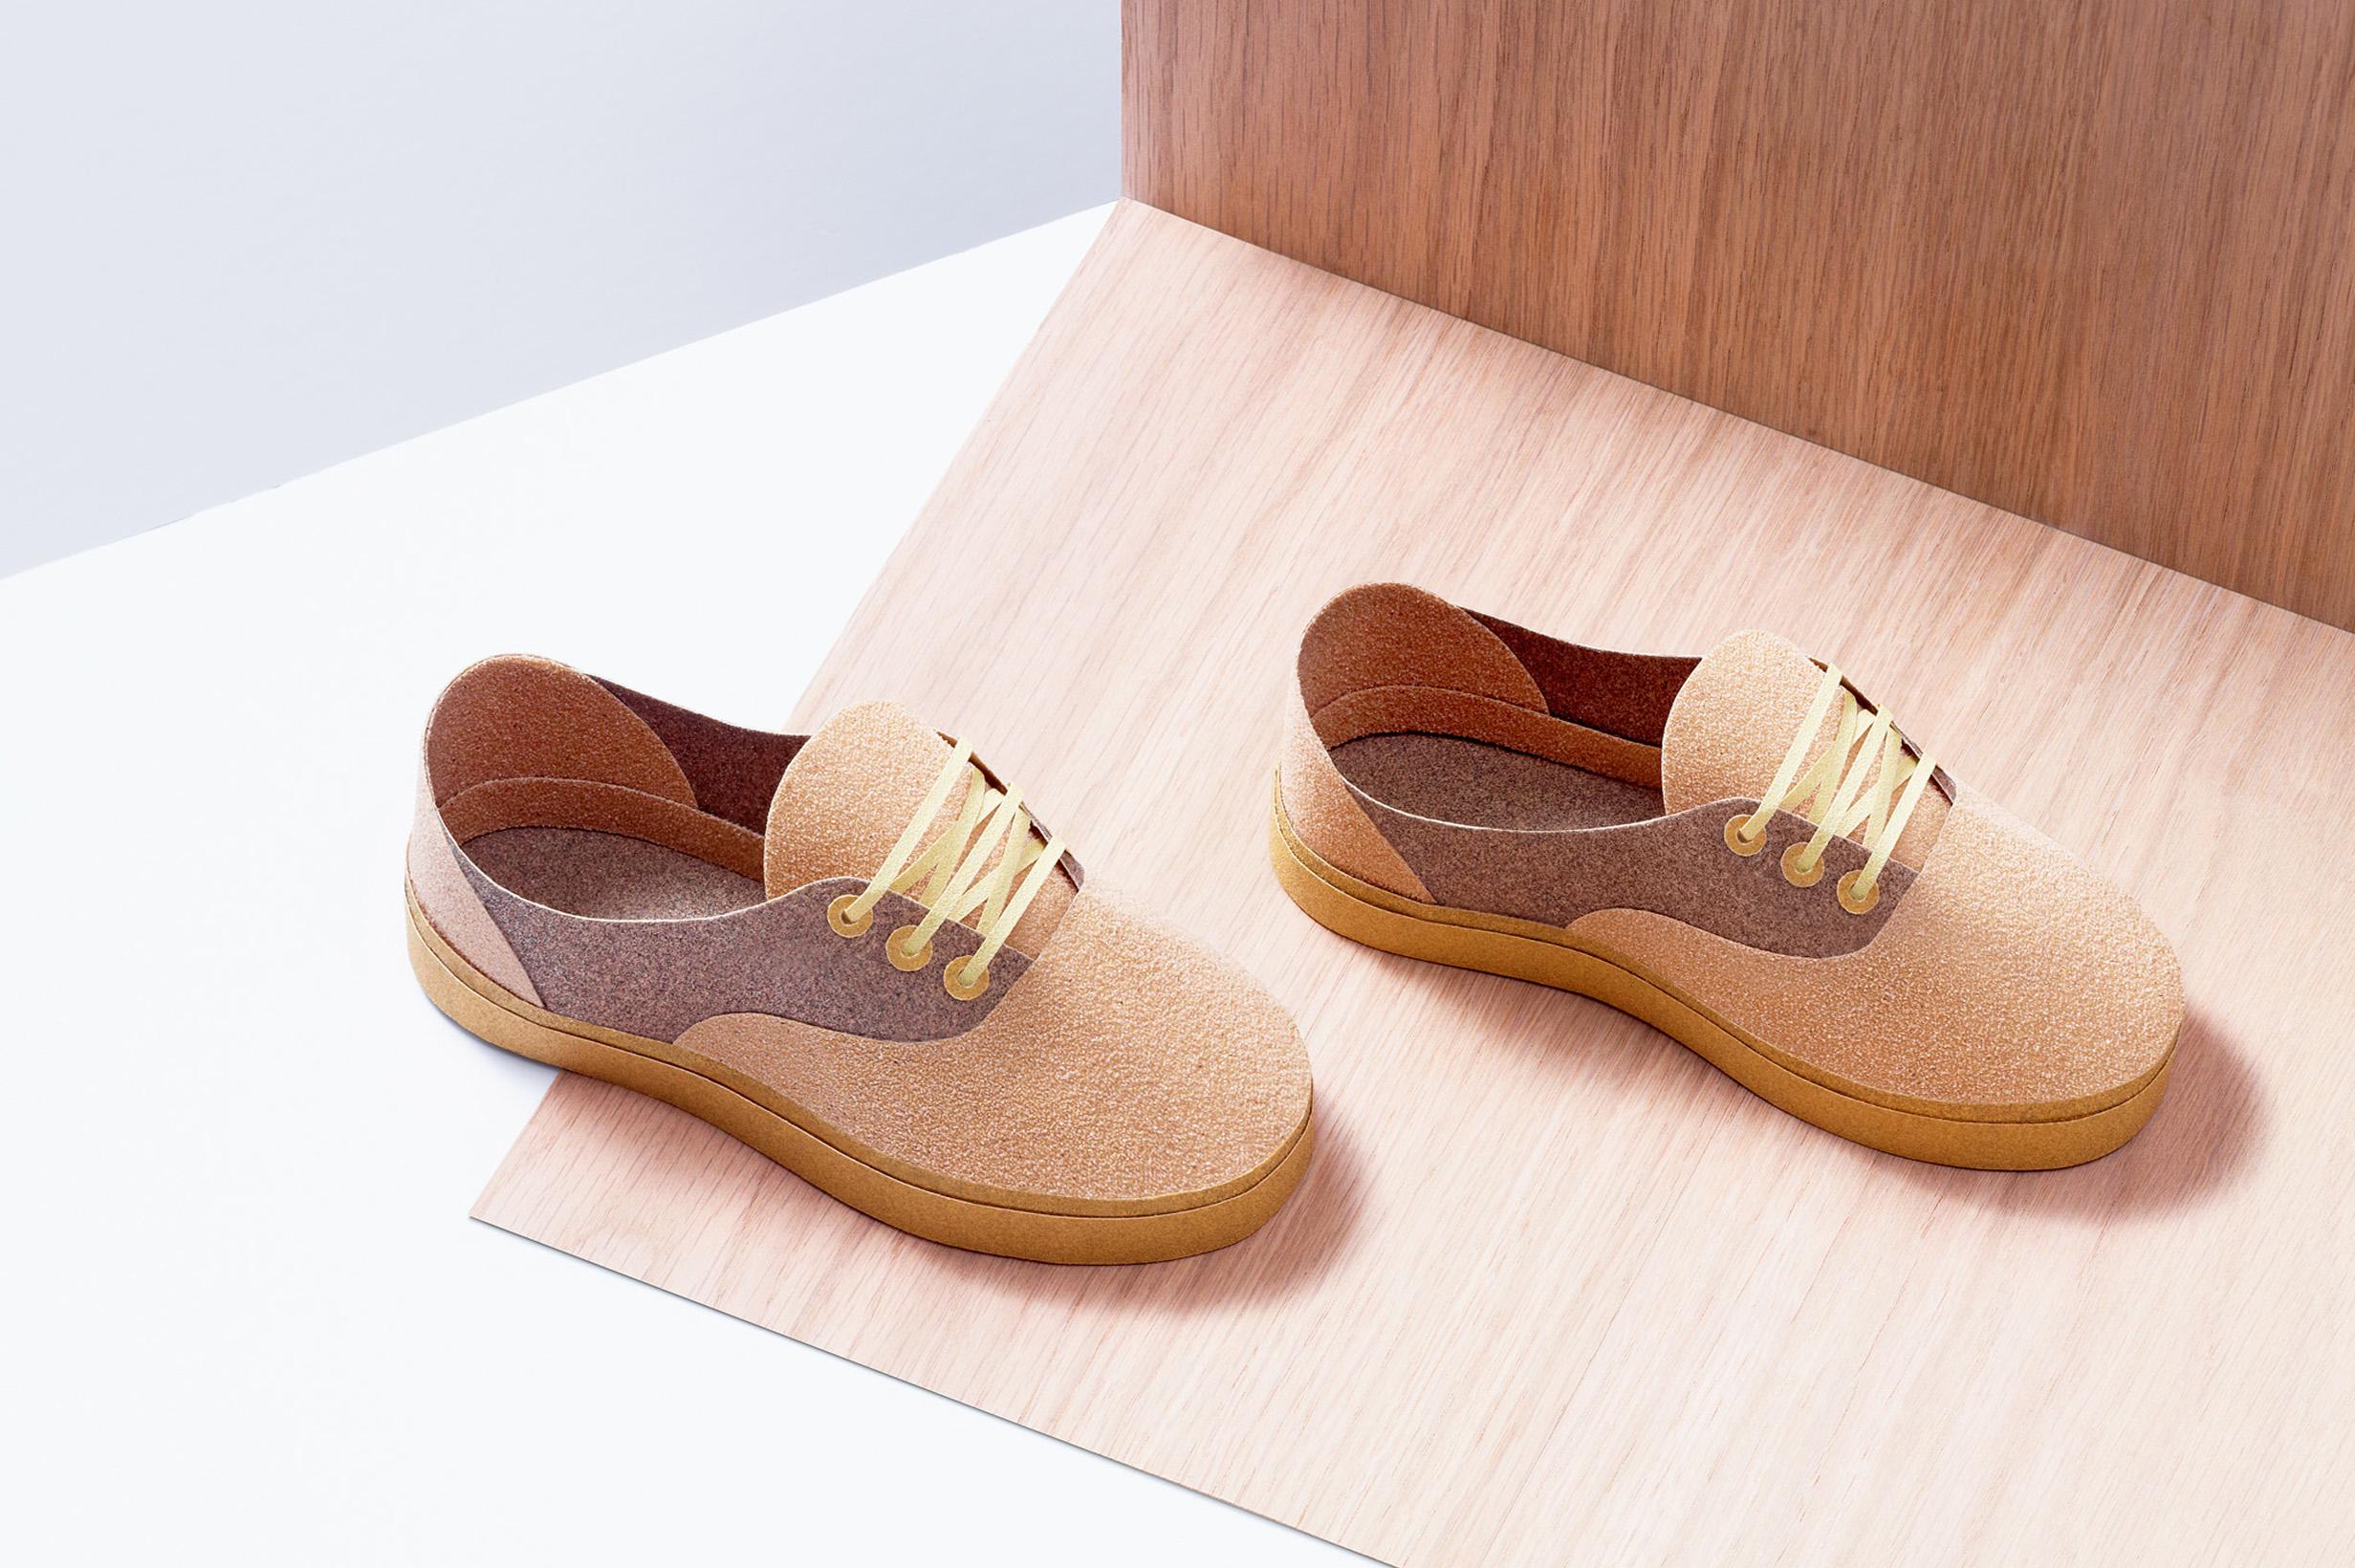 Mandy_sandpapershoes_1.jpg